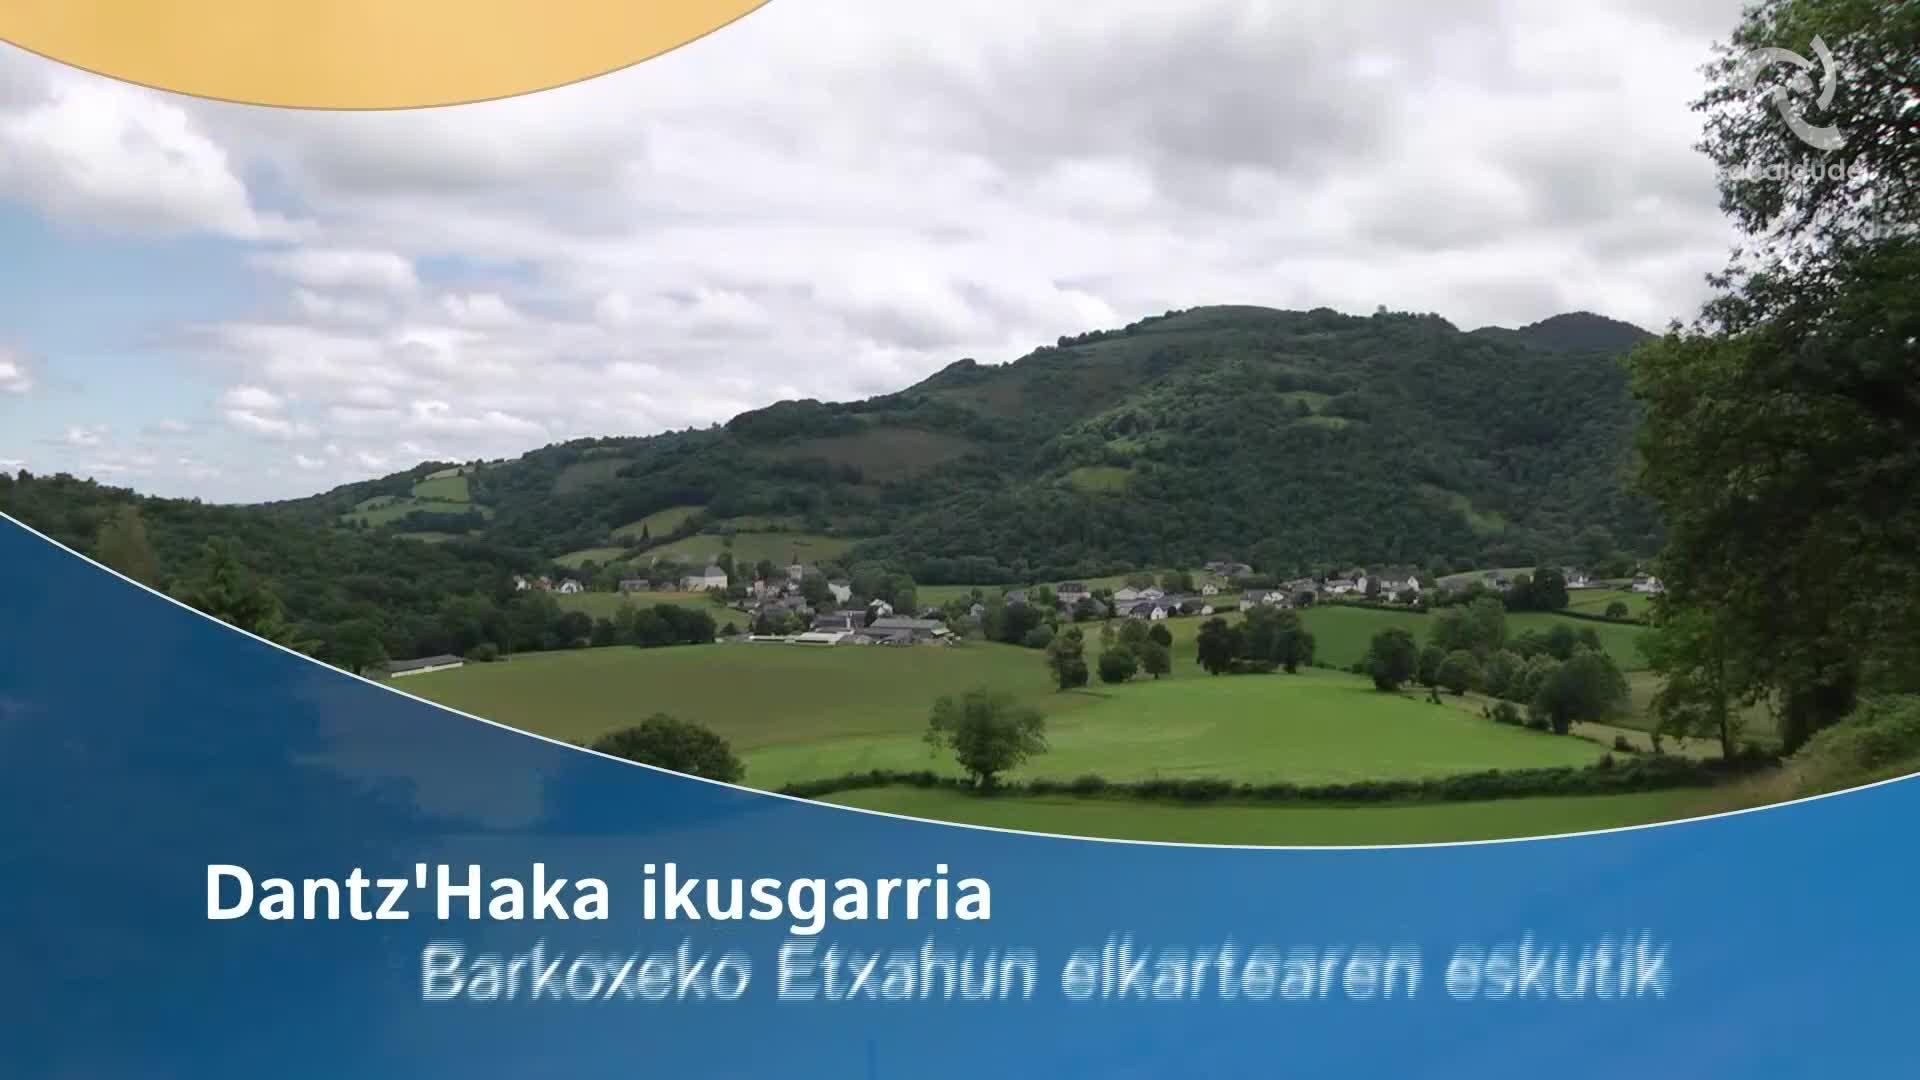 Dantz'Haka ikusgarria Barkoxeko Etxahun elkartearen eskutik